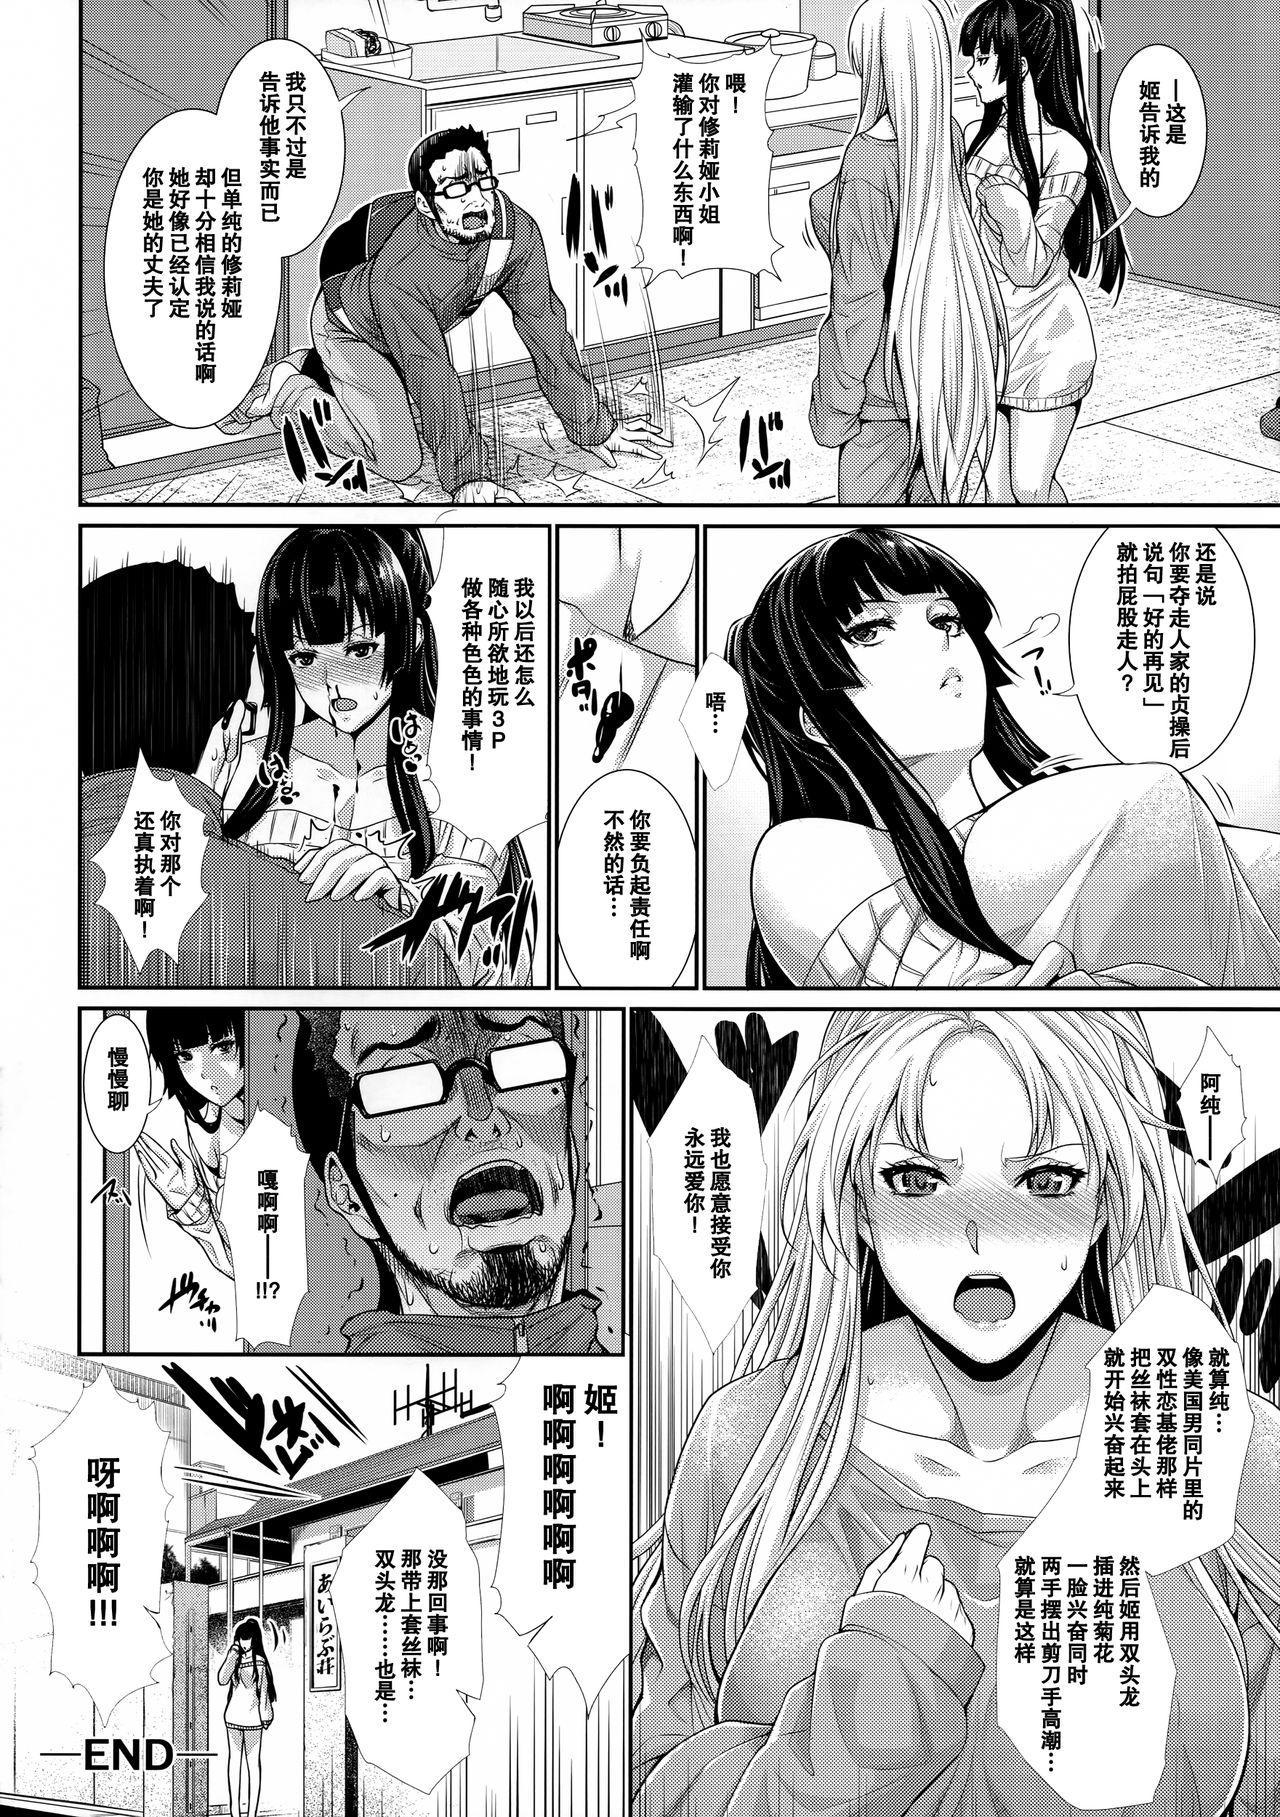 Yonjyouhan x Monogatari Nijoume 31